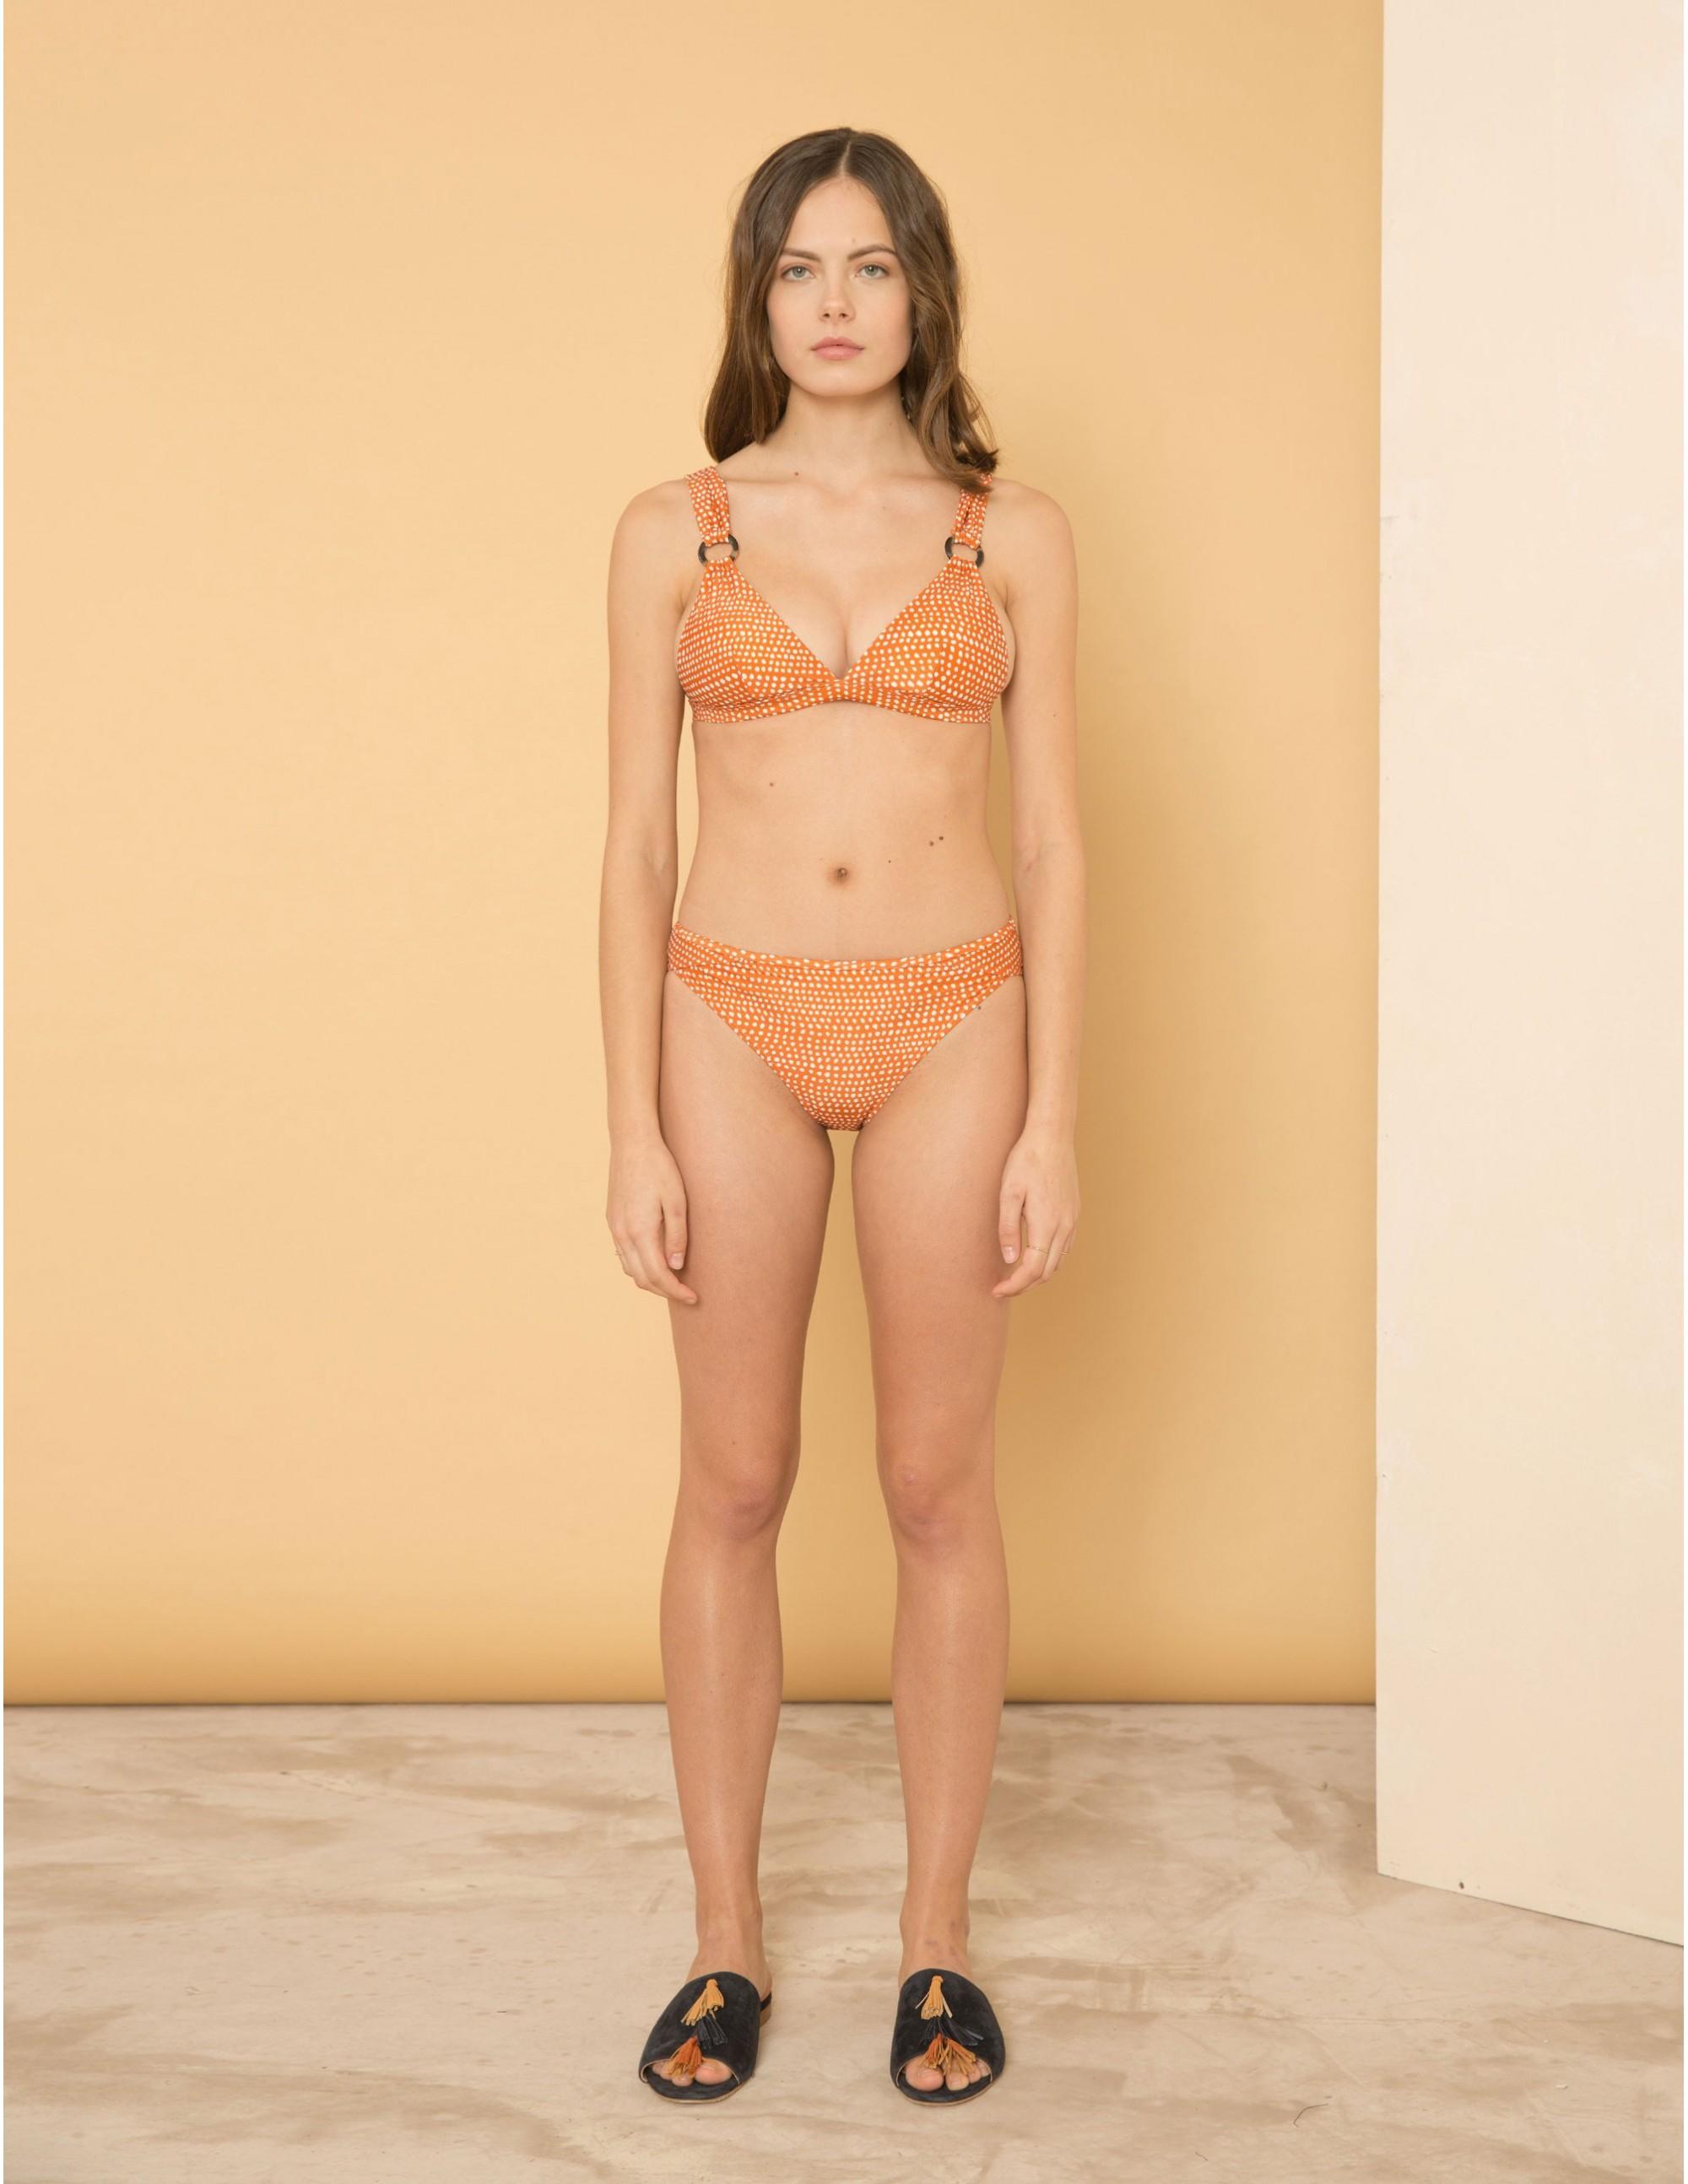 BAWE bikini top - CANDY FAWN